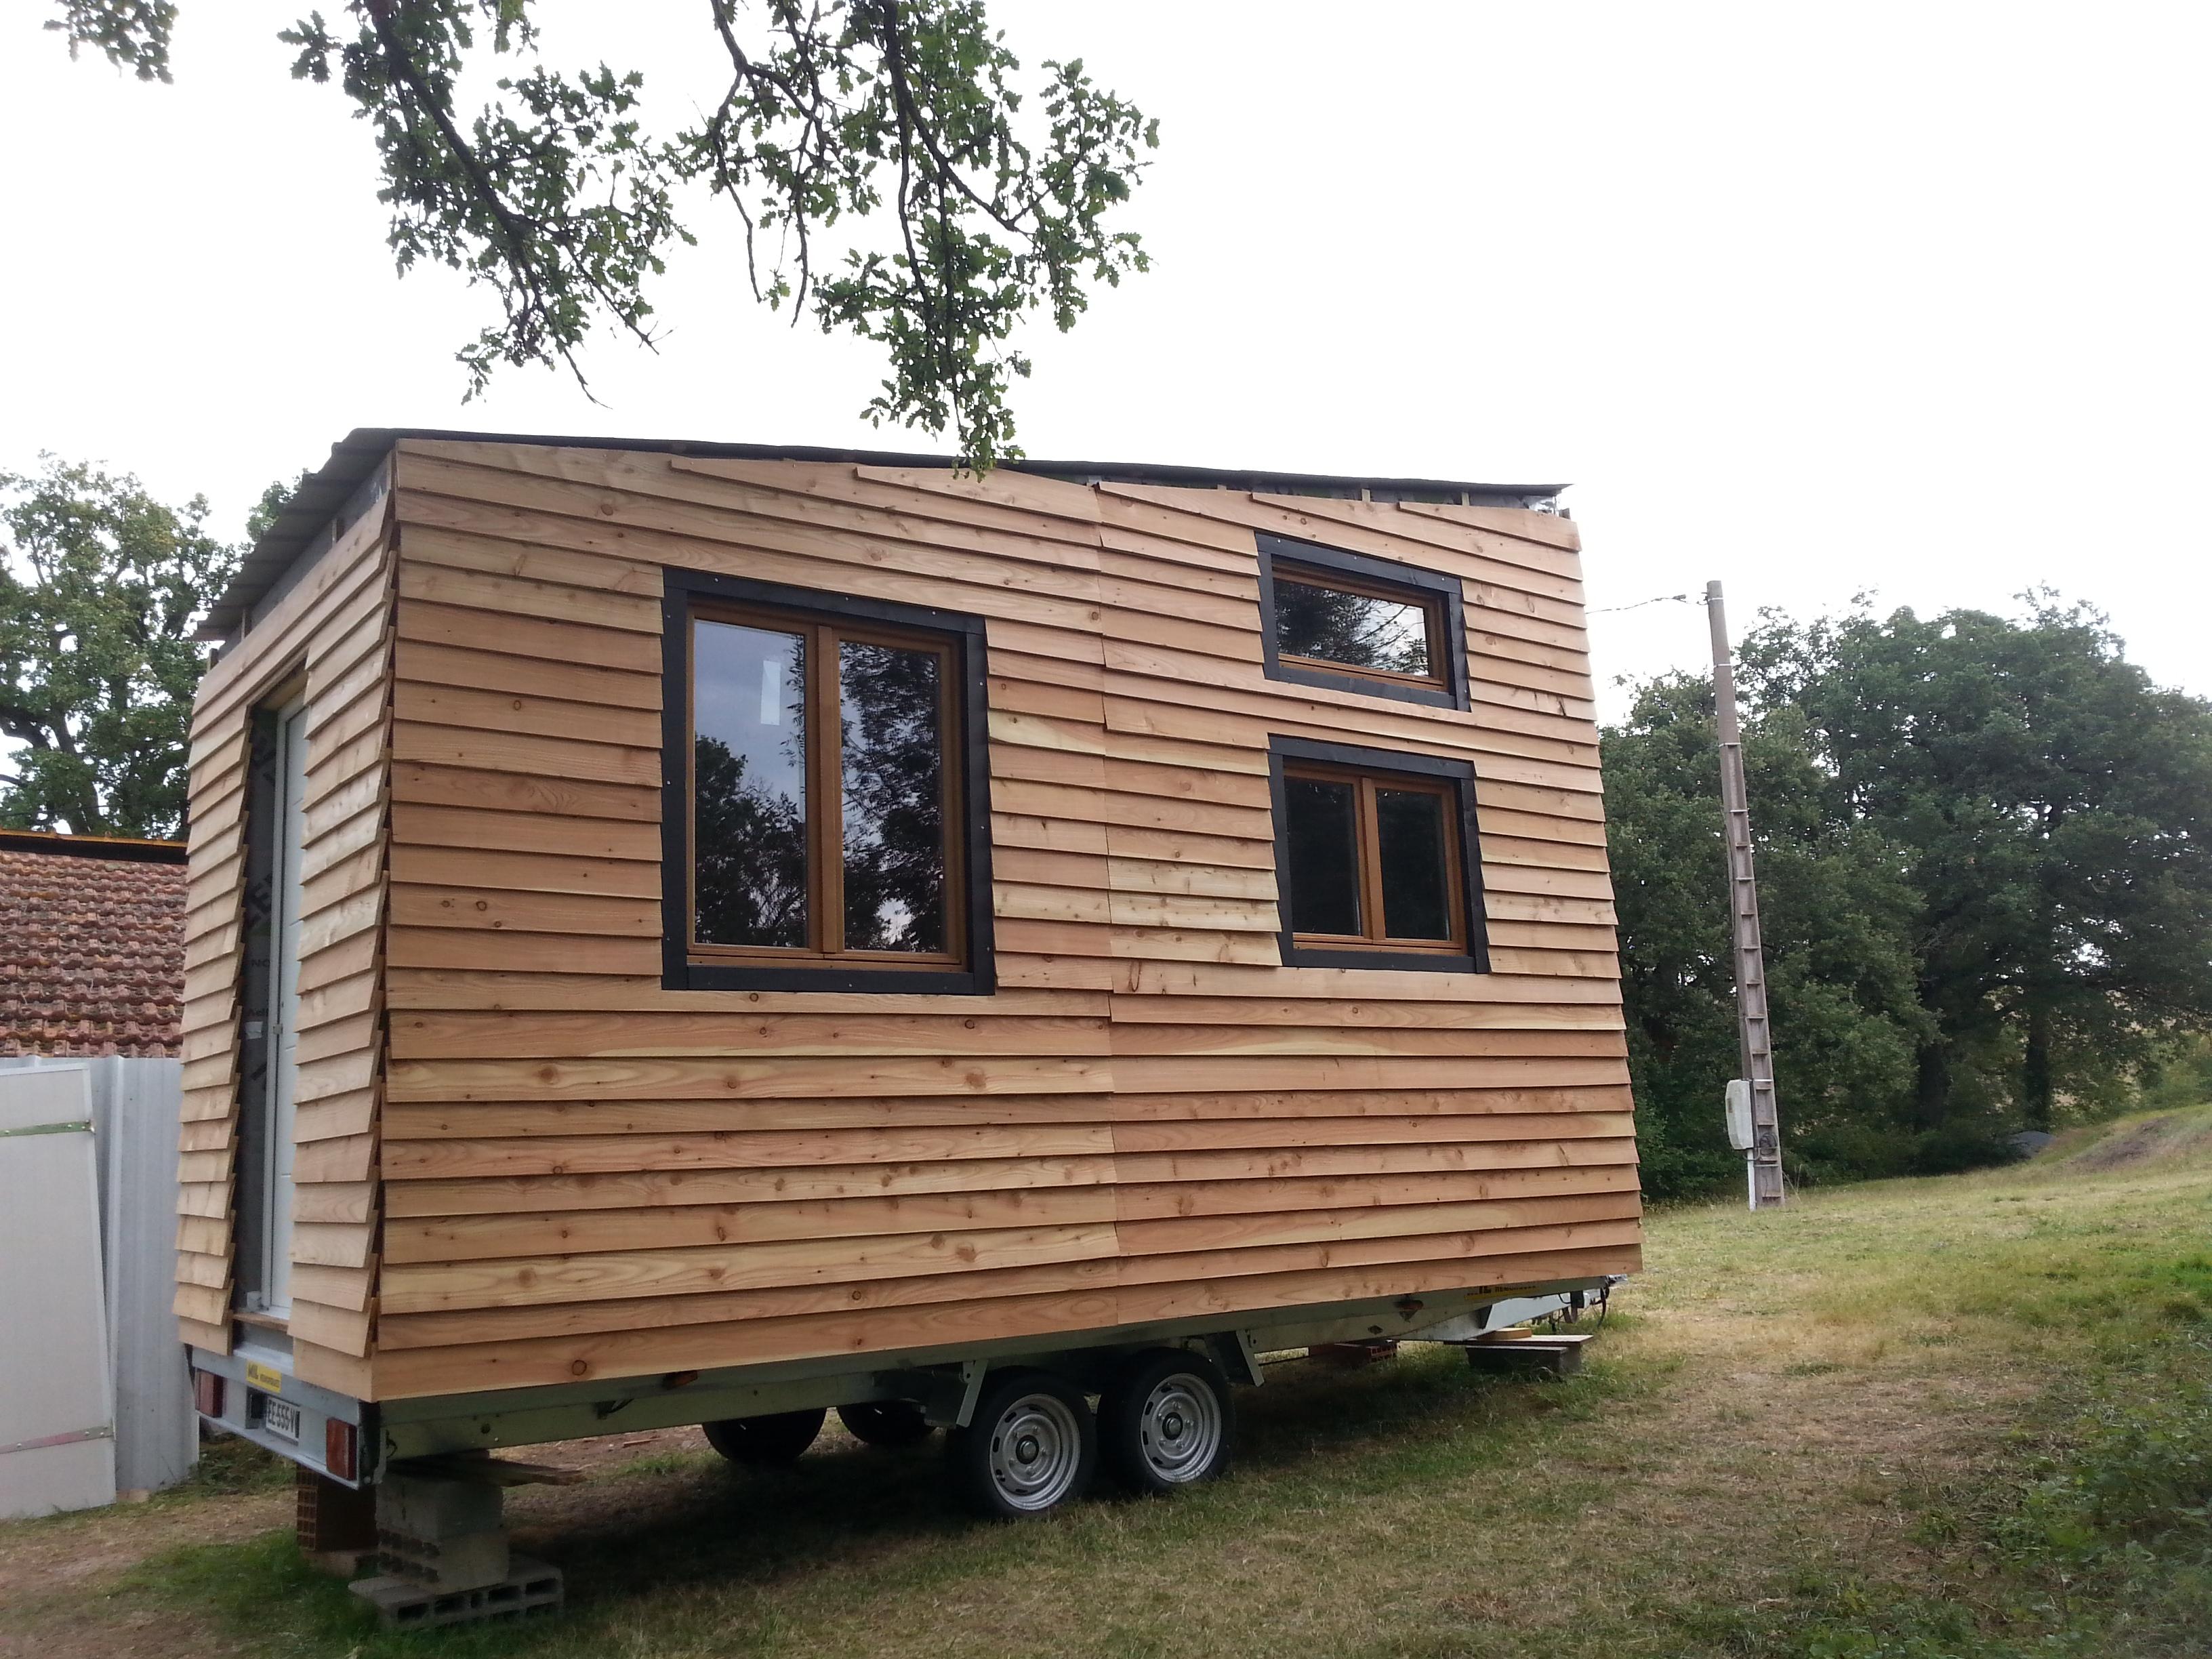 Achat Remorque Tiny House il construit sa propre maison sur roues ! une tiny house